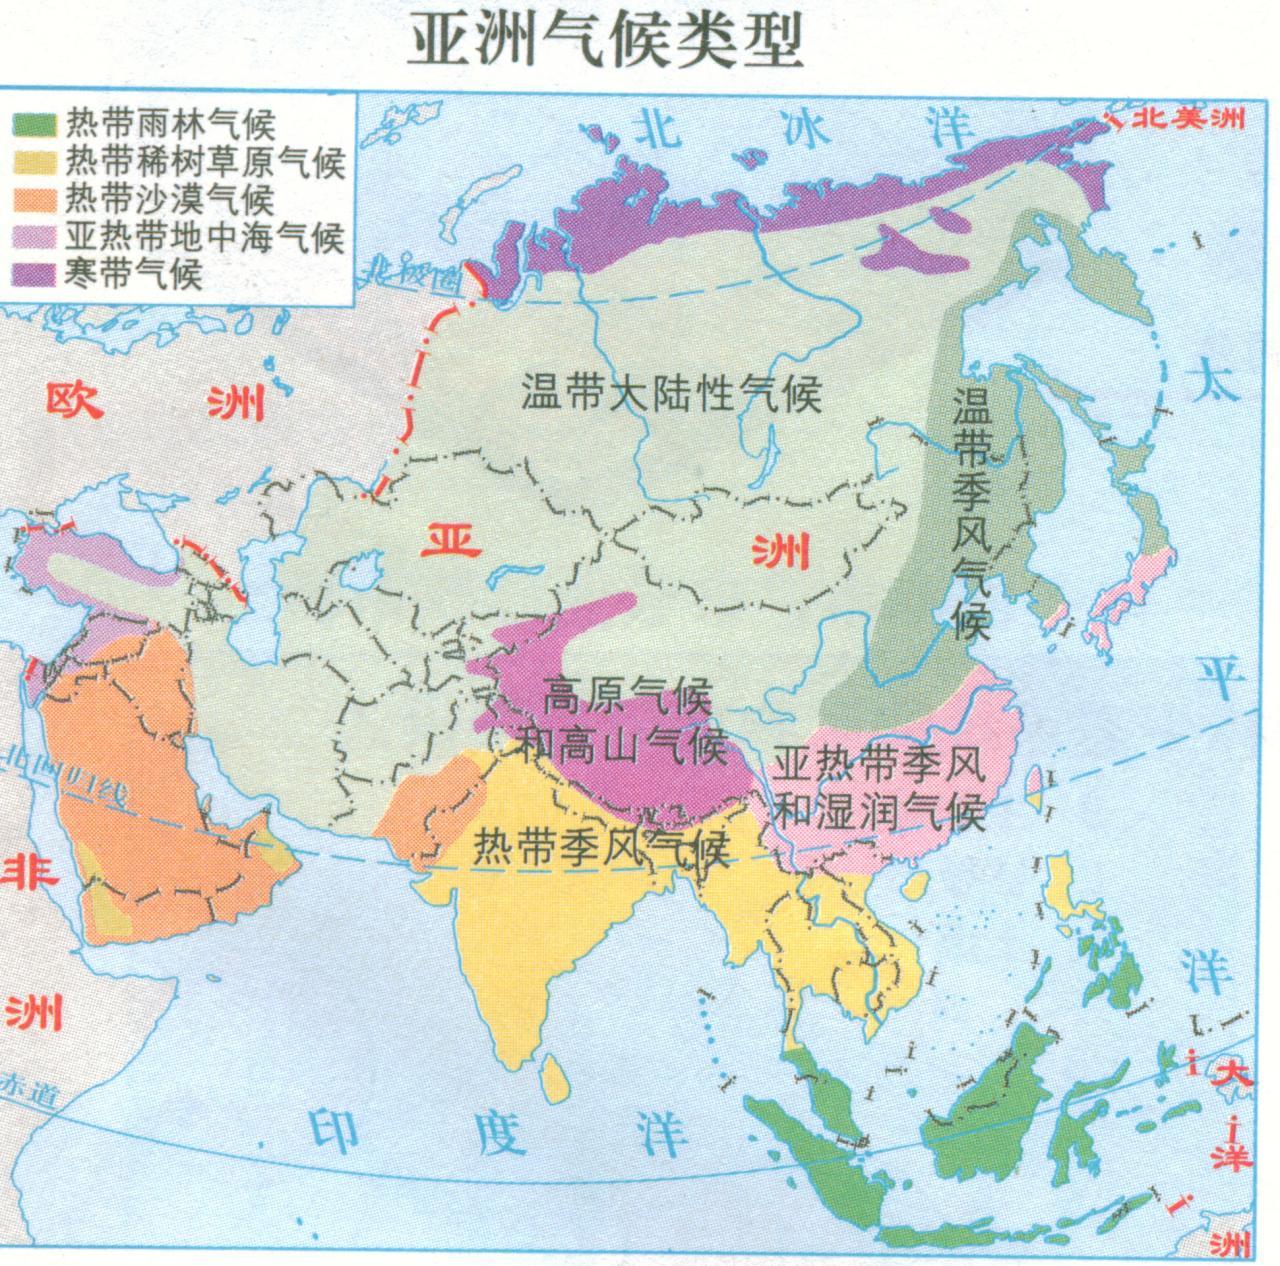 亚洲候类型分布�_亚洲气候类型图